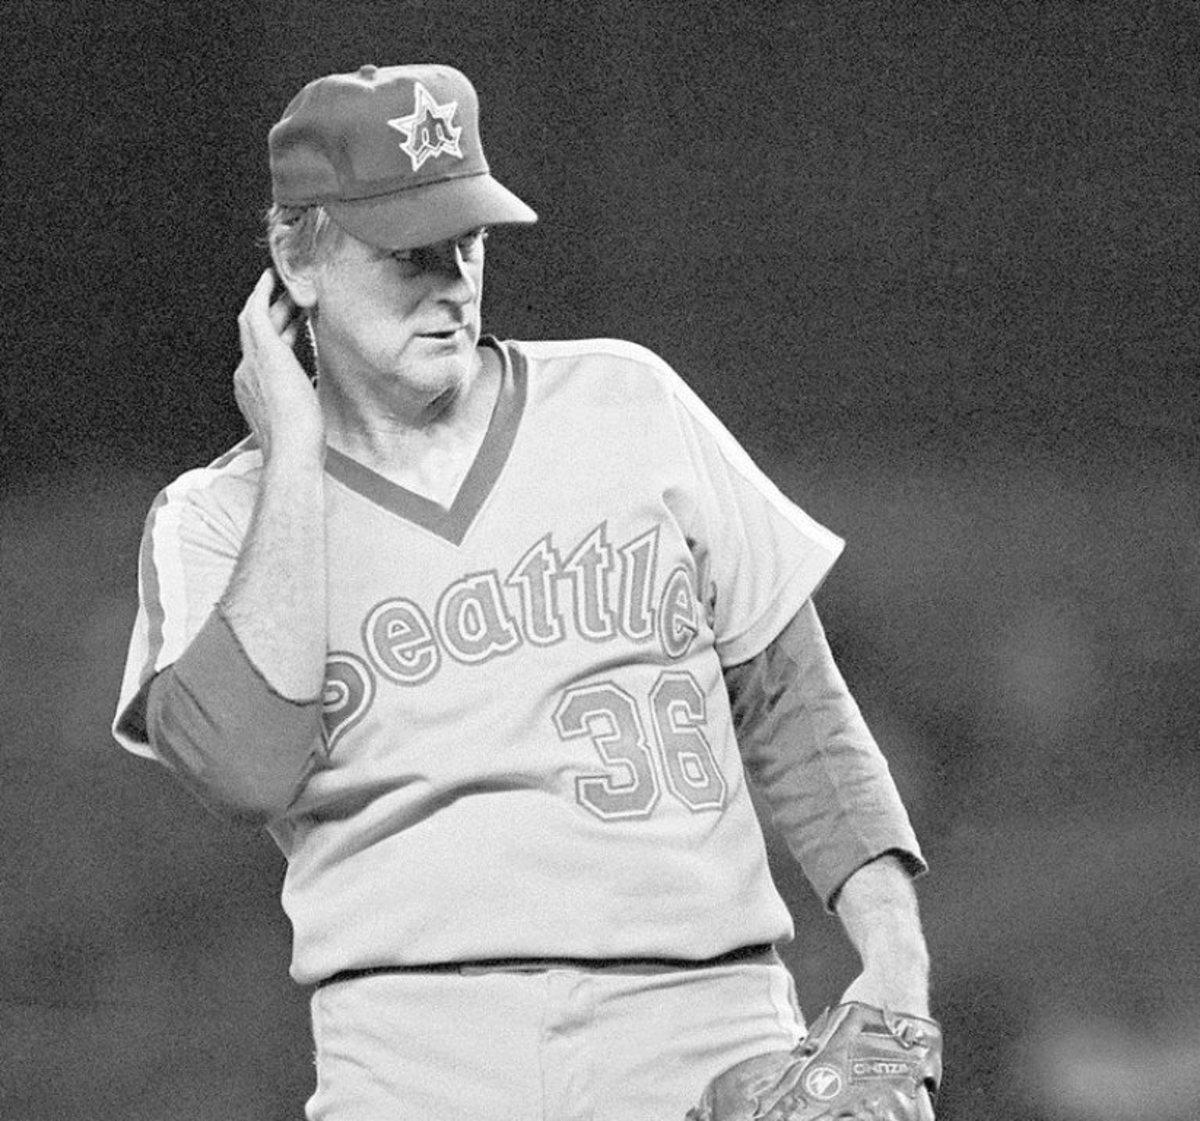 8413f3af7 Strike Three: Baseball Is Dead | HowTheyPlay